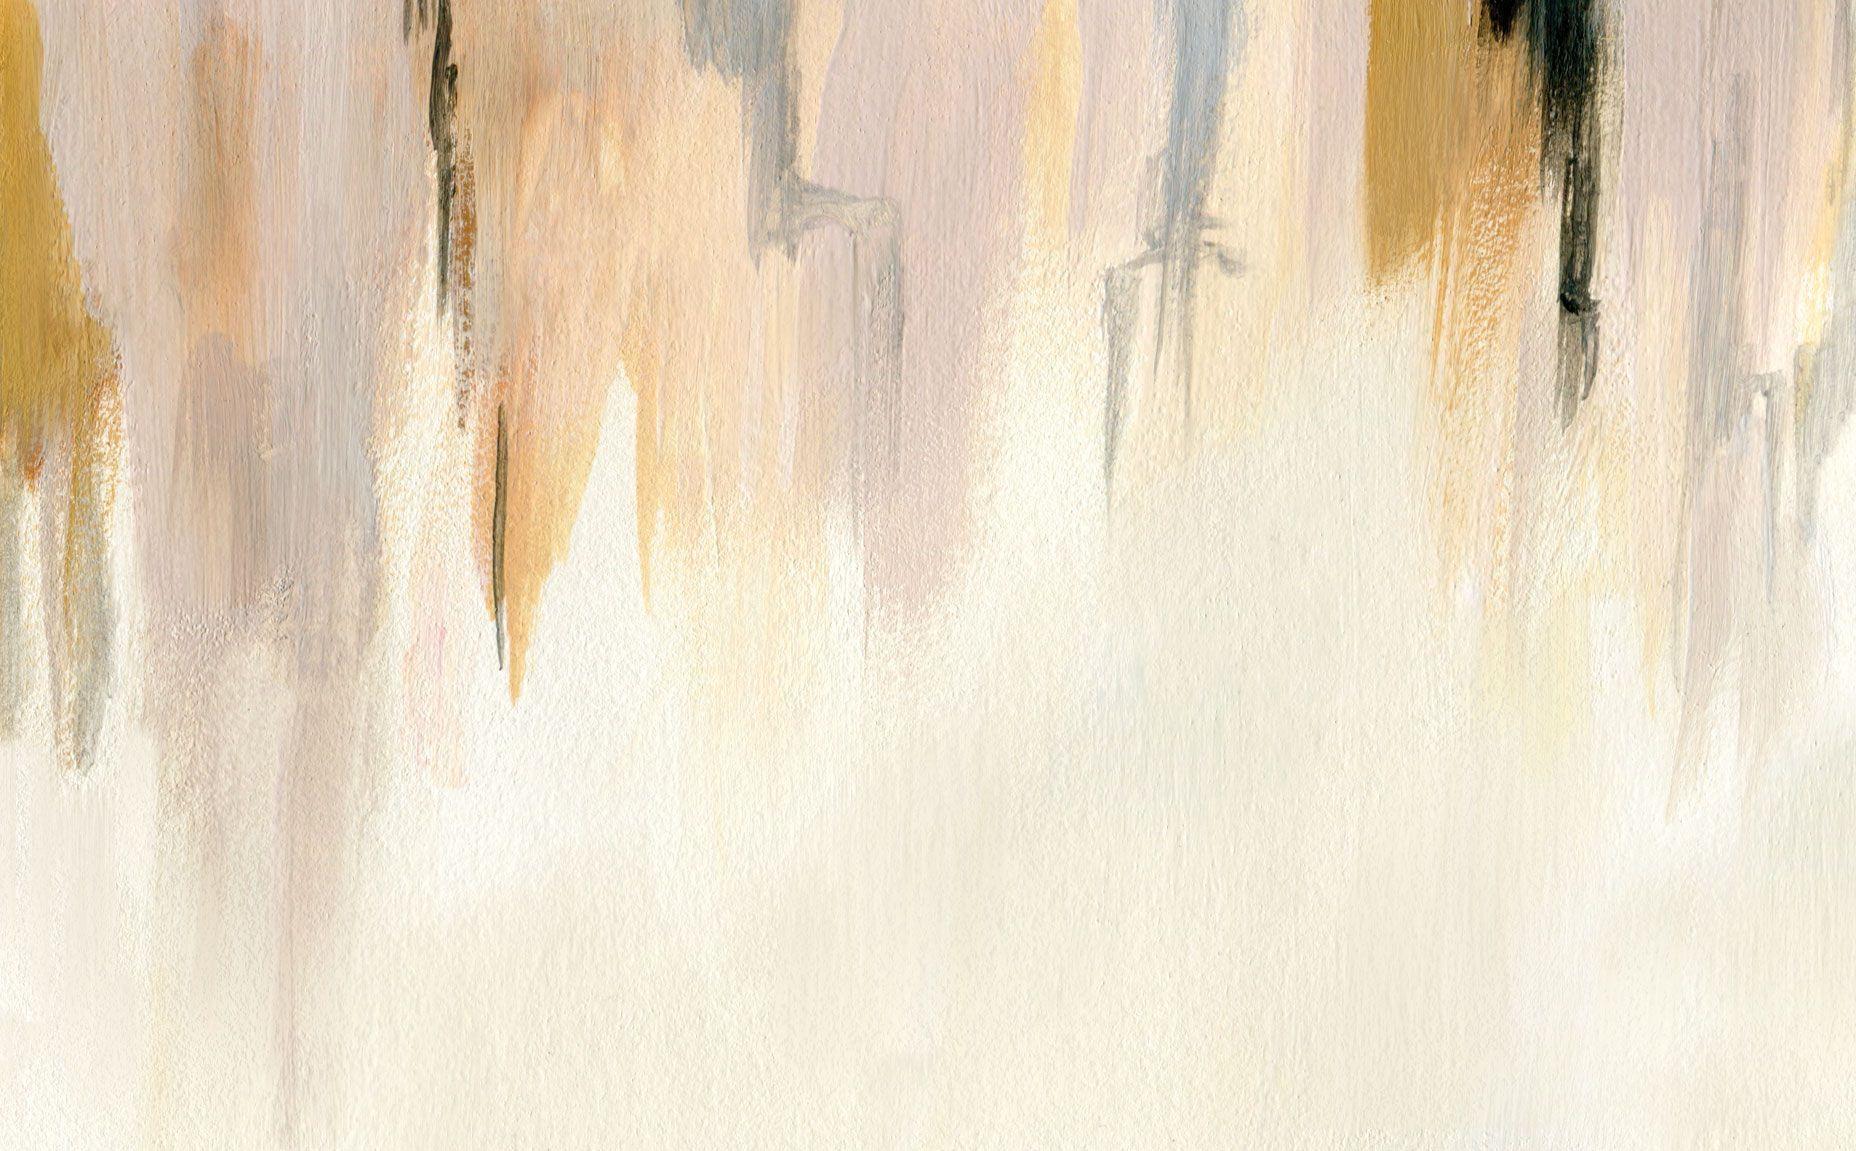 Beige Desktop Wallpapers Top Free Beige Desktop Backgrounds Wallpaperaccess